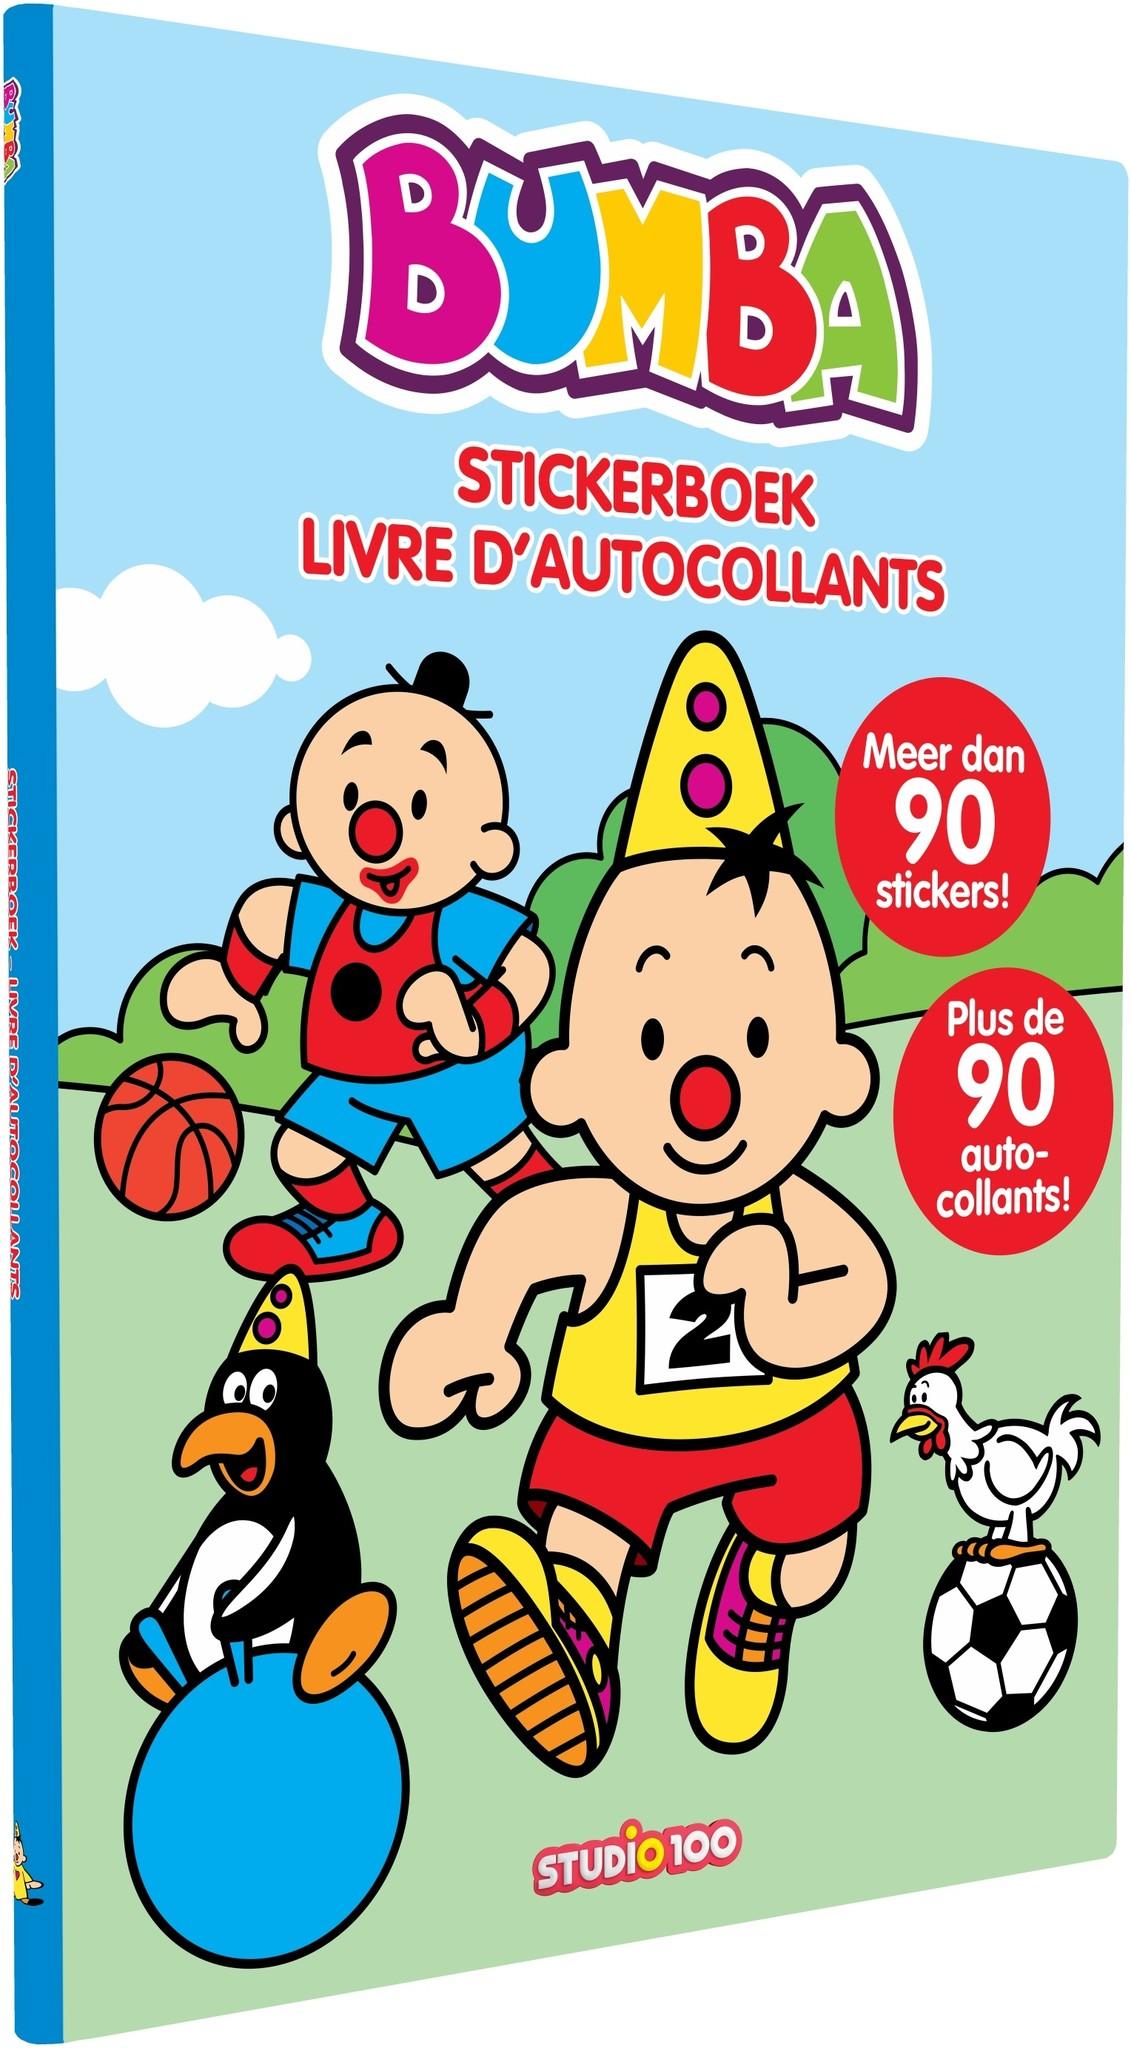 Stickerboek Bumba: sport